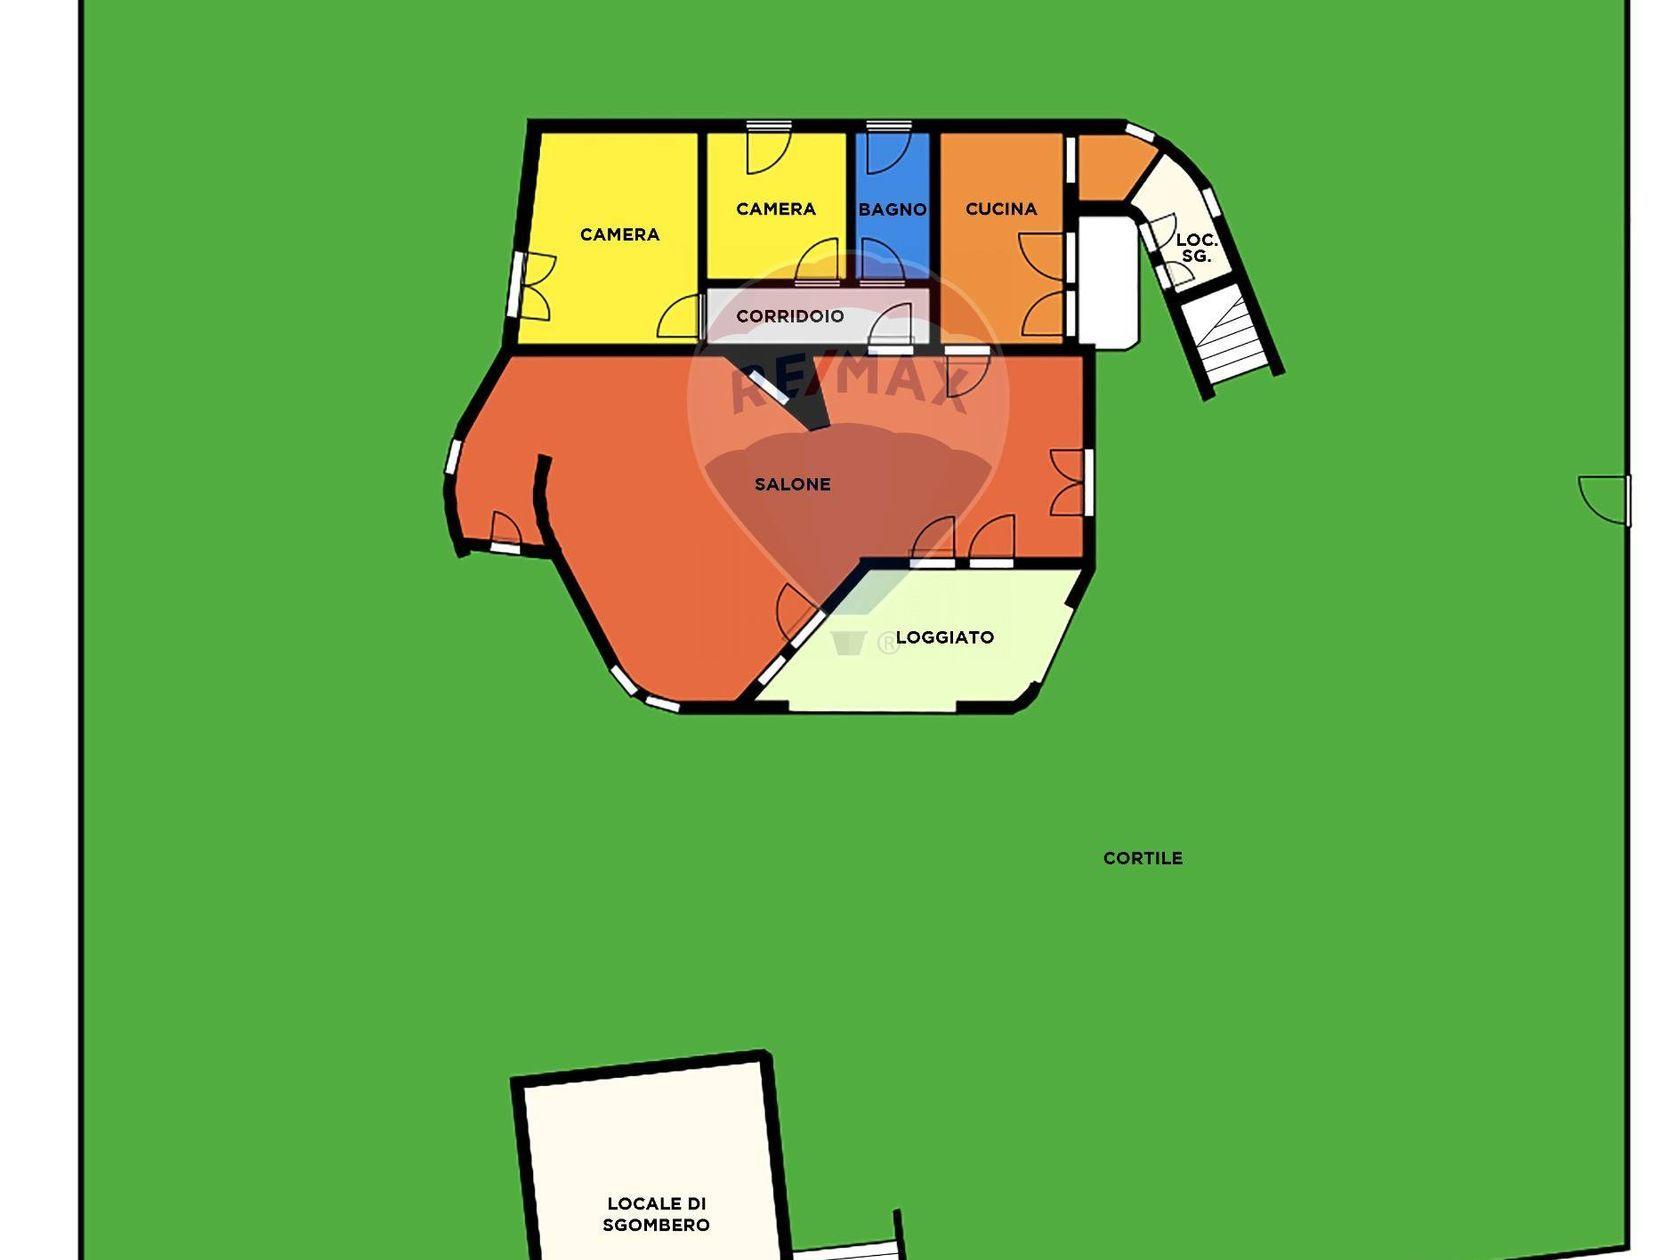 Villa singola Zona Santa Margherita, Pula, CA Vendita - Planimetria 1